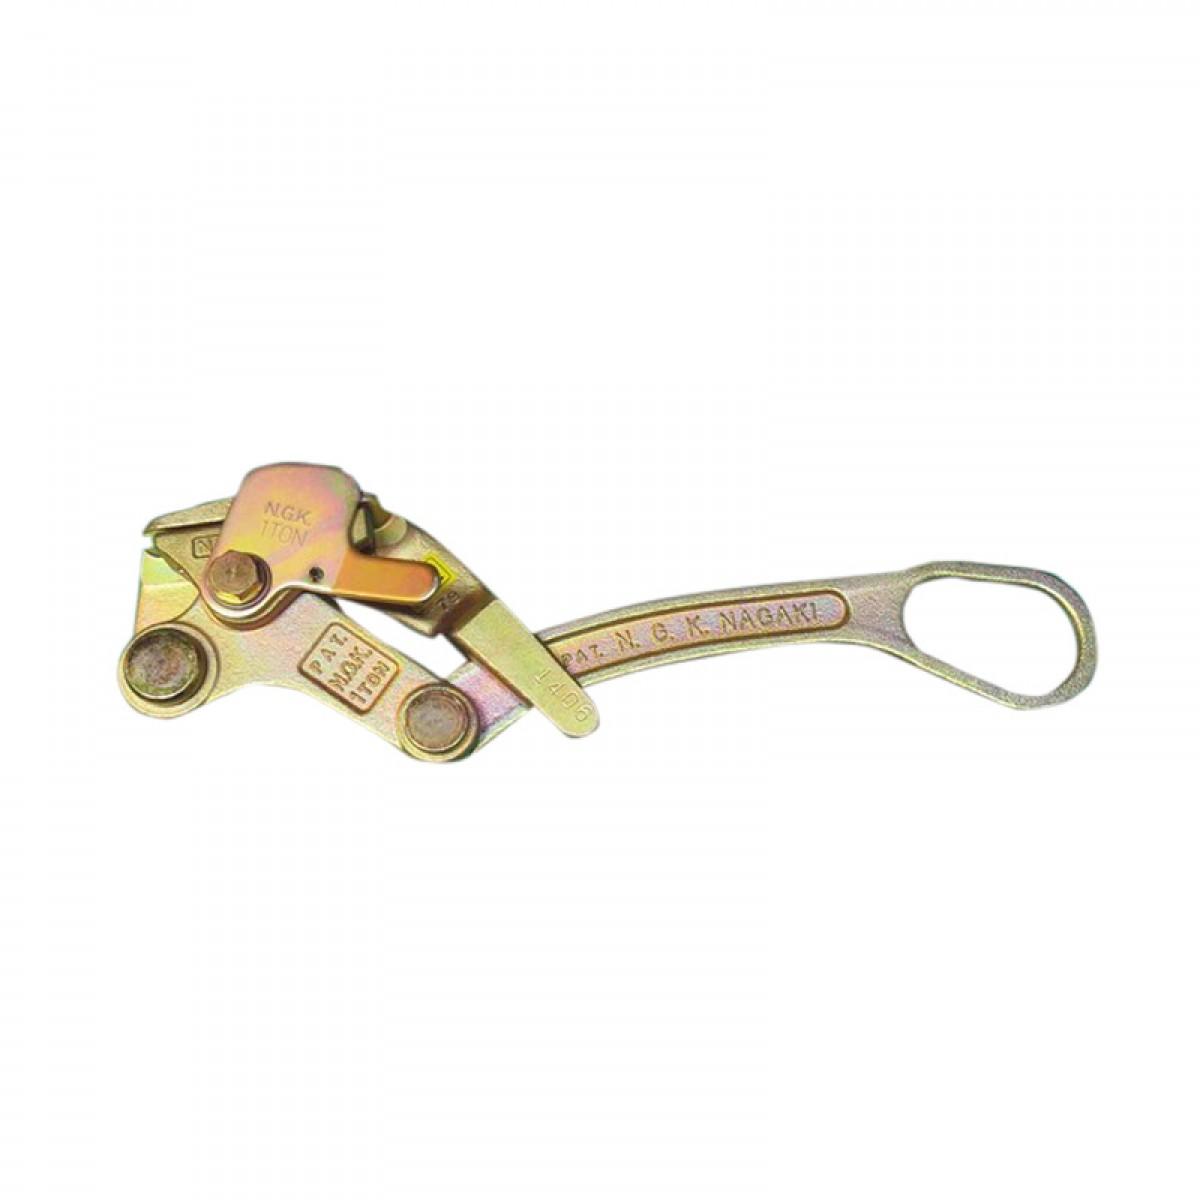 NGKAL-L卡线器 钢芯铝绞线、铝绞线、铜绞线卡线器